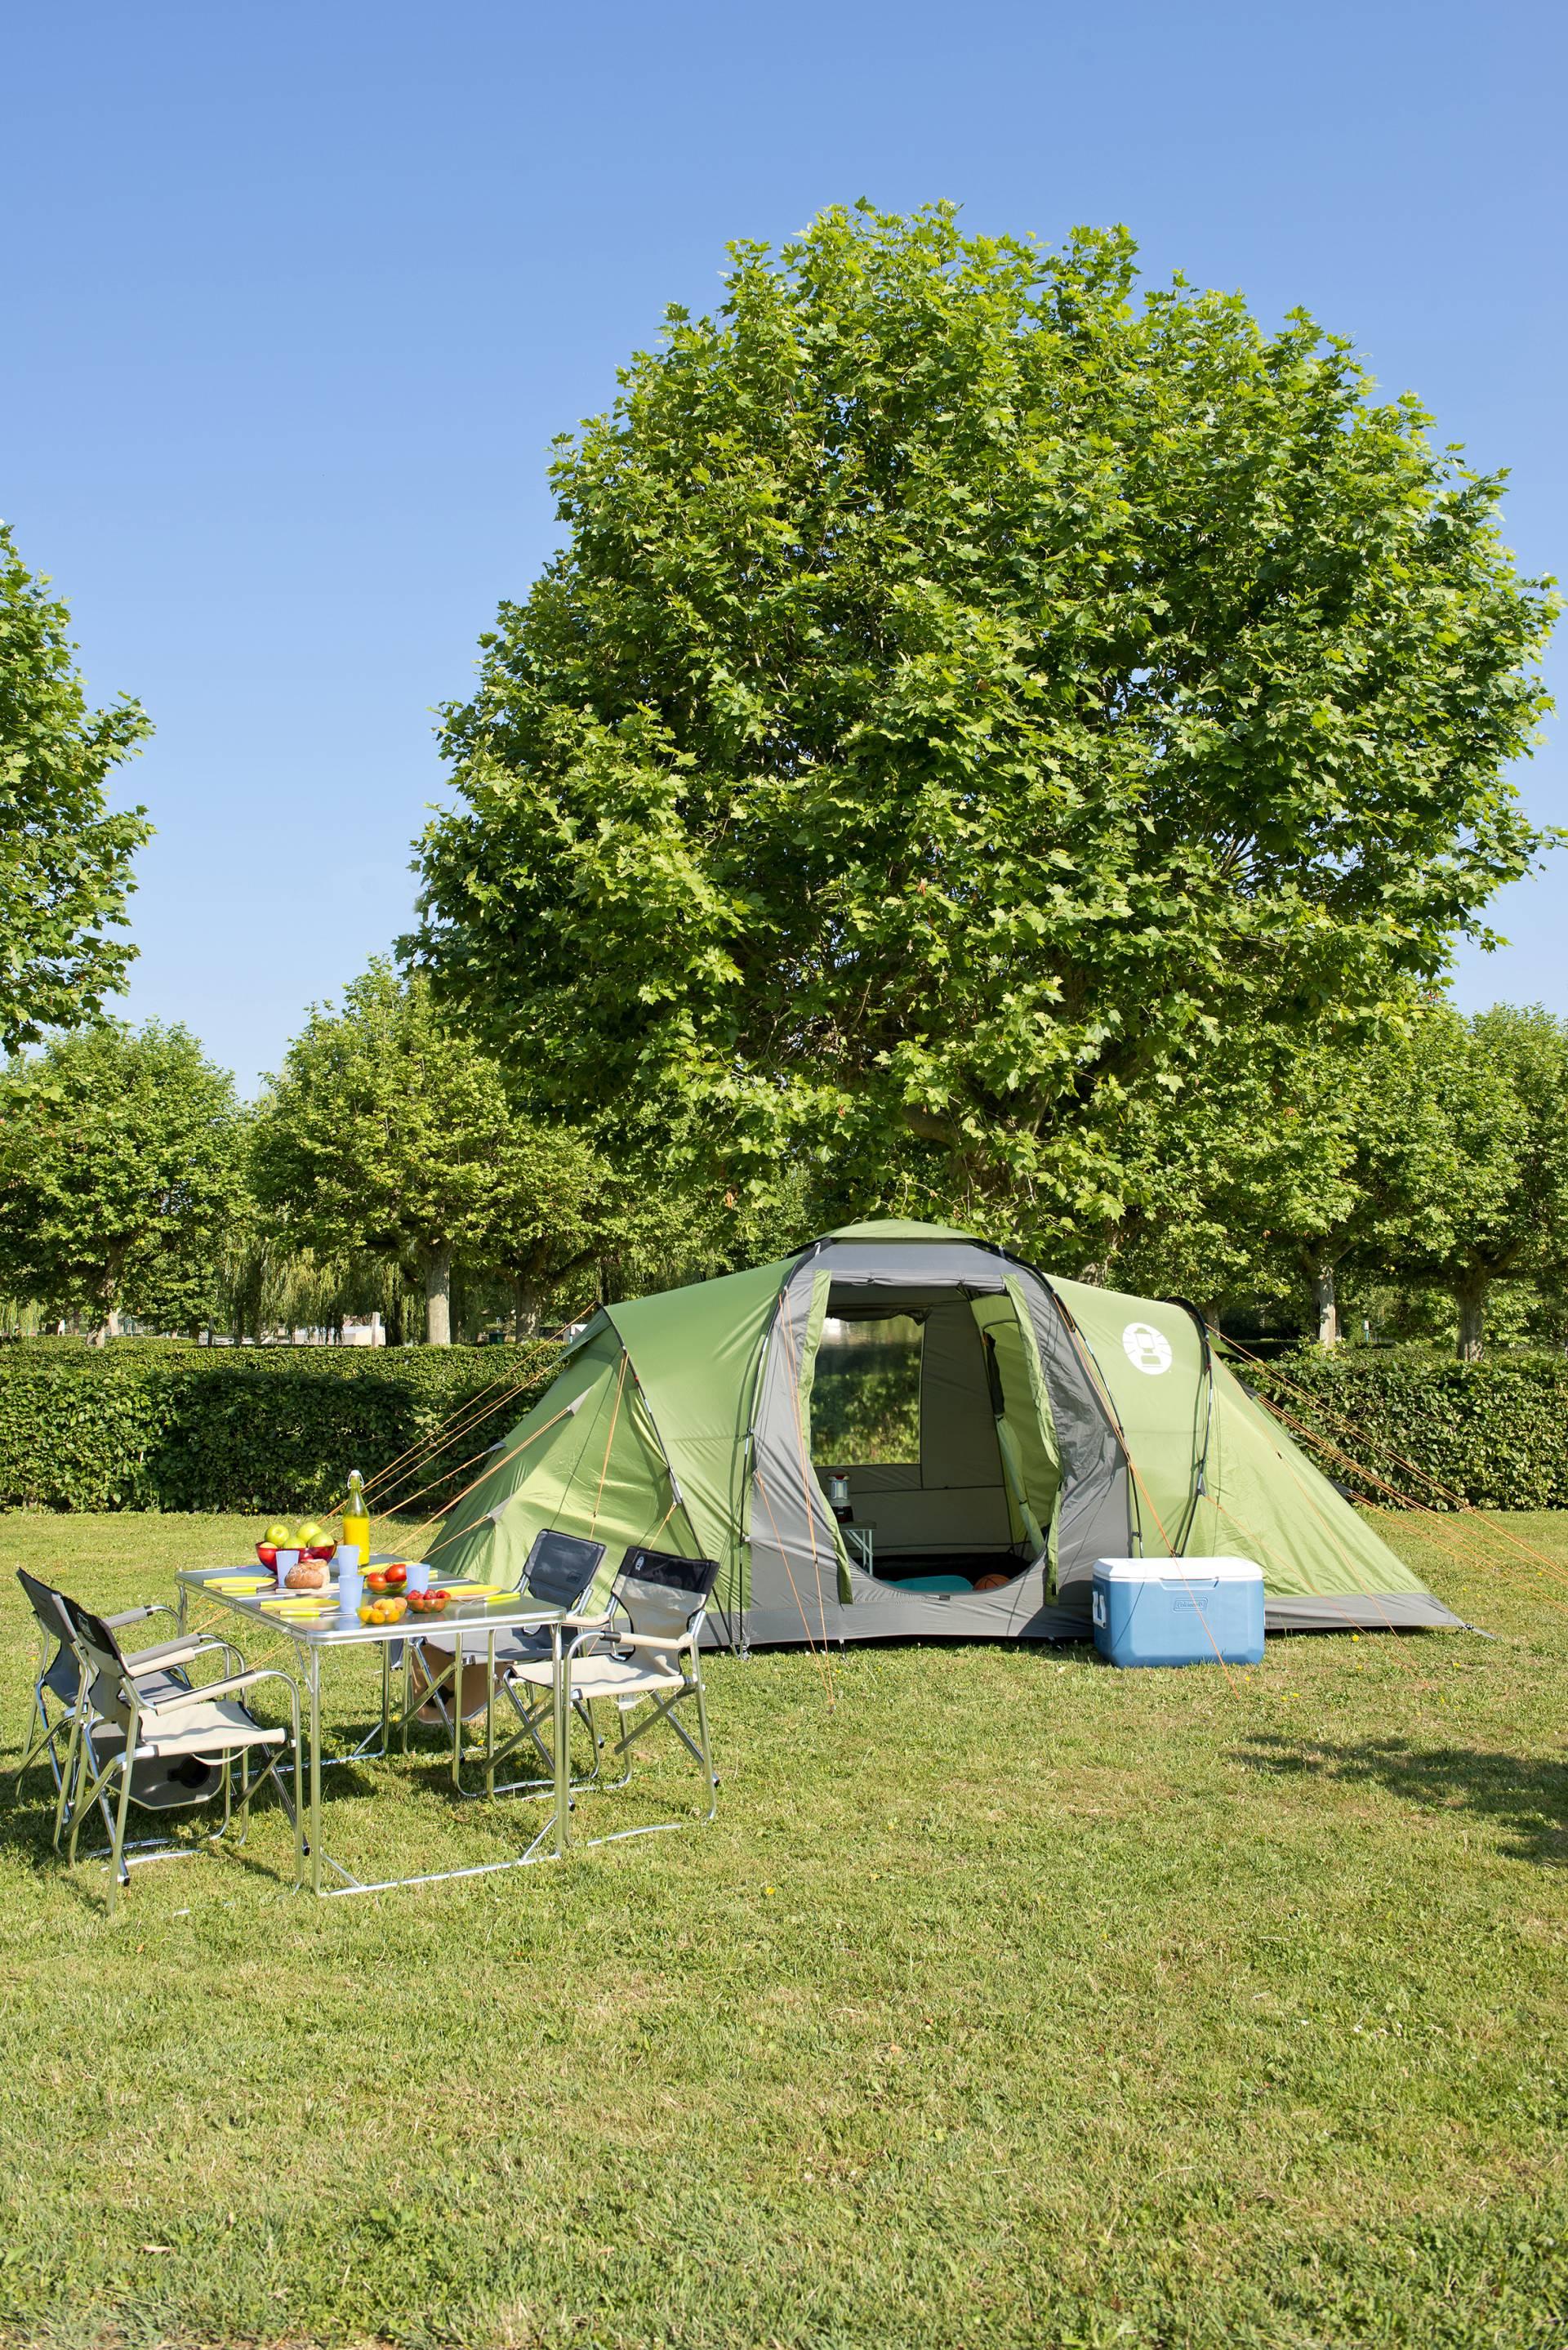 Coleman Bering 4 Tent 2000019535 kopen? | BESLIST.nl